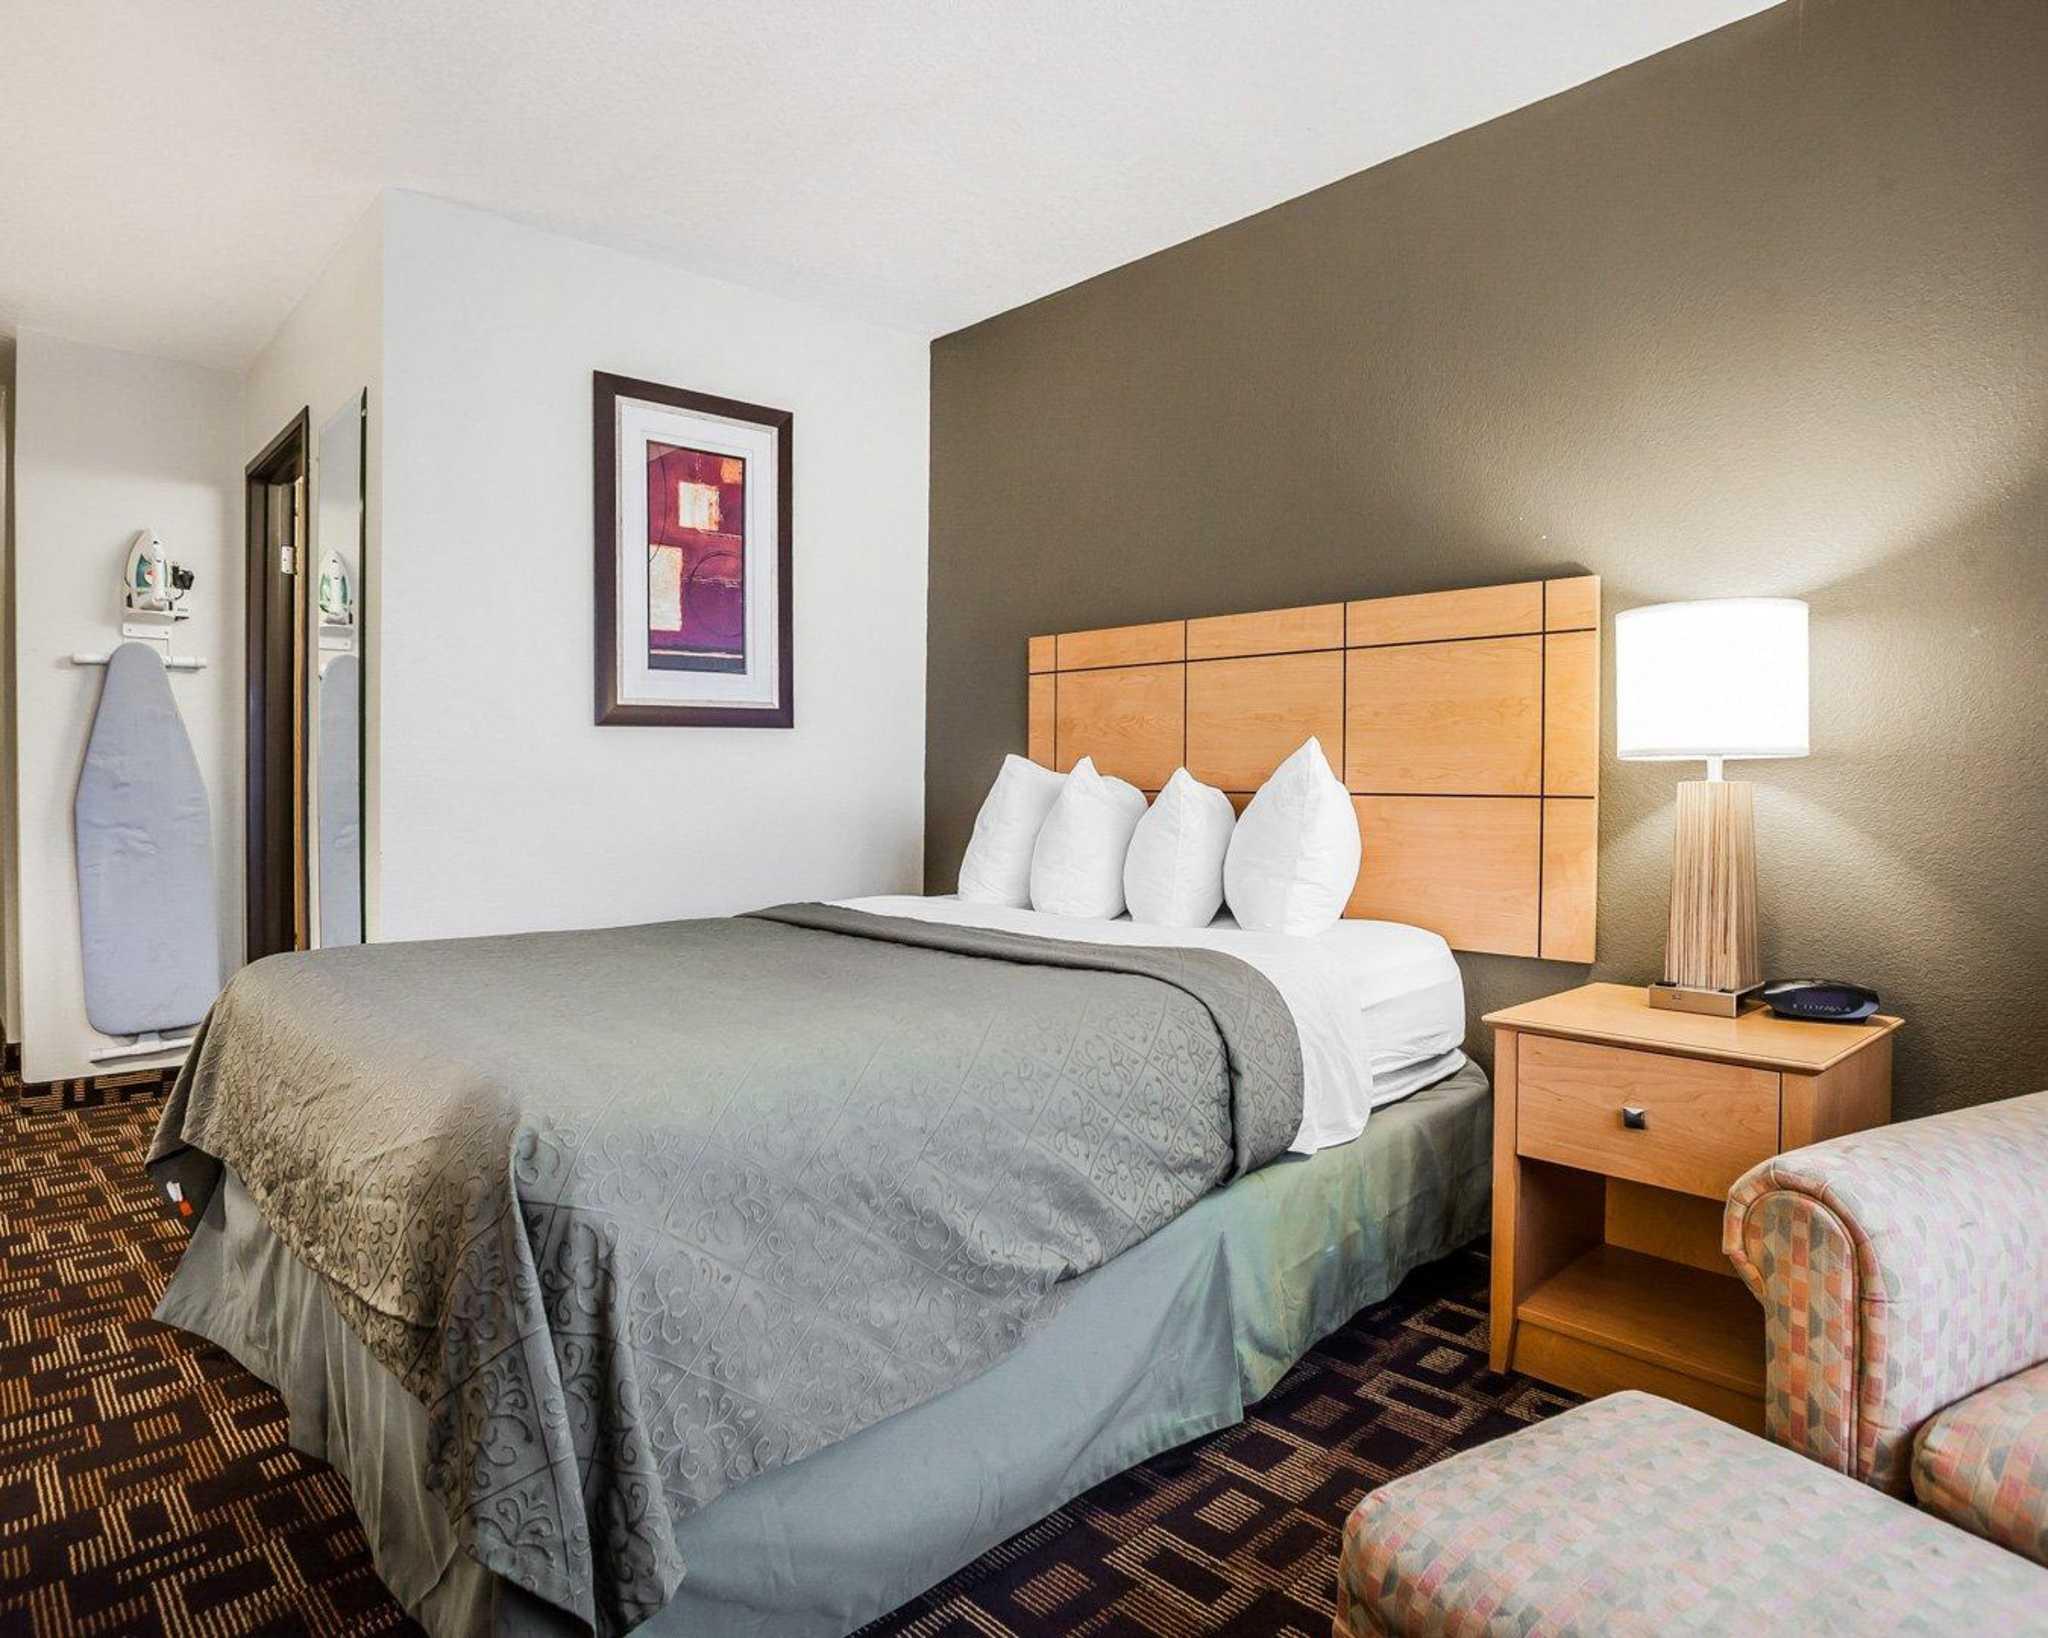 Quality Inn & Suites Des Moines Airport image 11